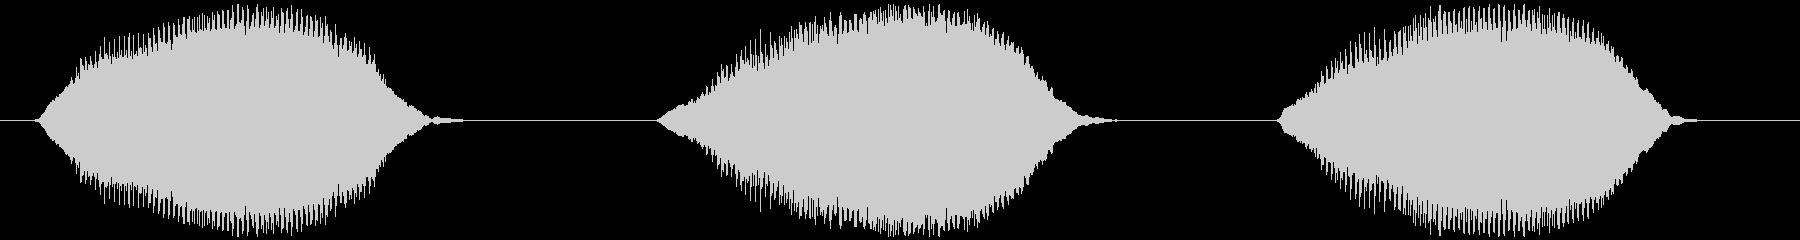 ウシガエルの鳴き声 ブオーゥ×3の未再生の波形